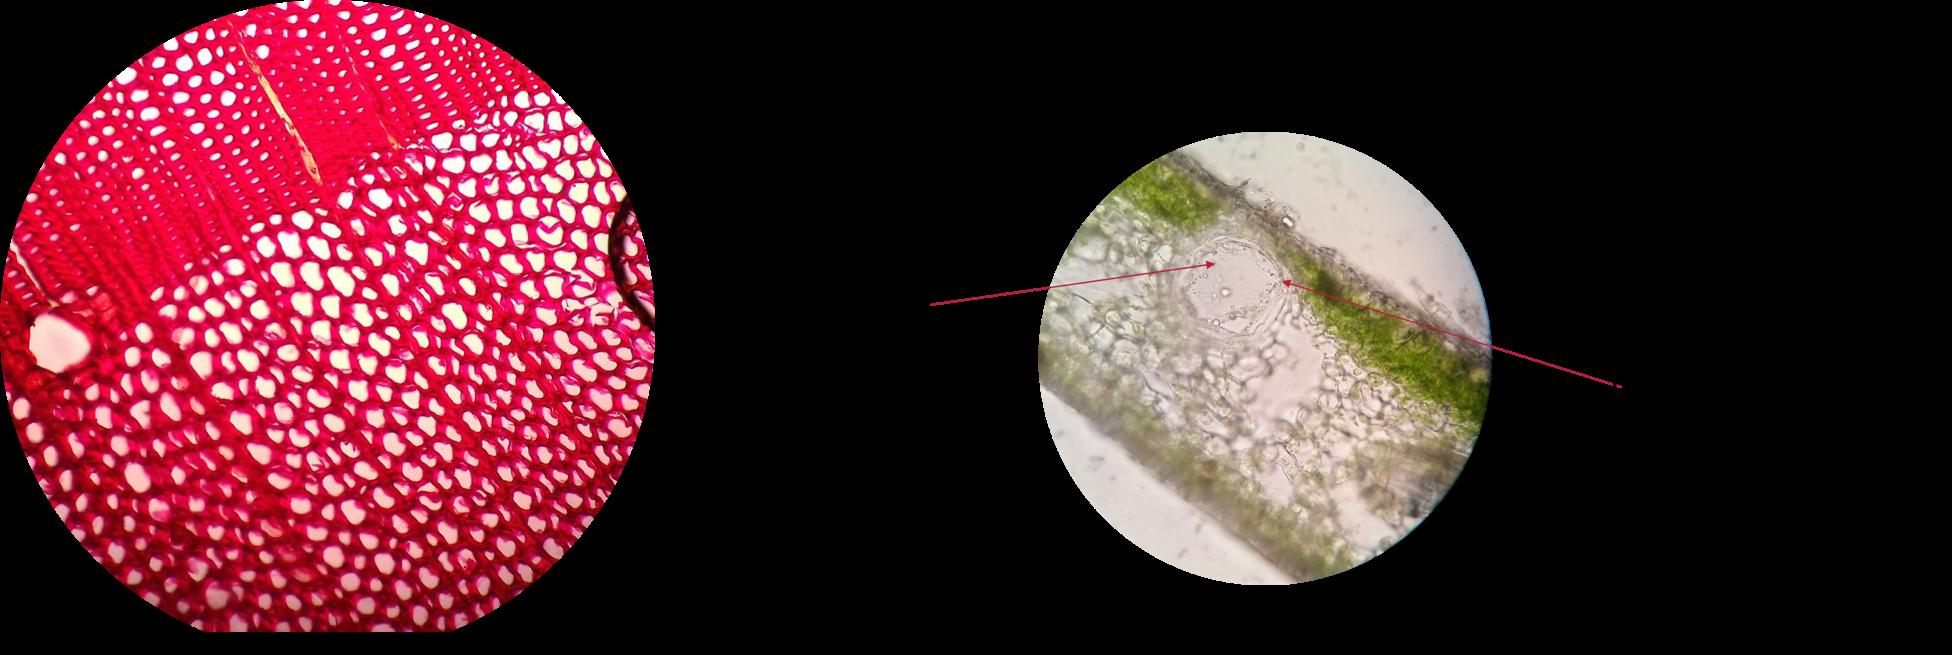 hogyan lehet eltávolítani a nemi szemölcsöket a Feresollal mi a fascioliasis